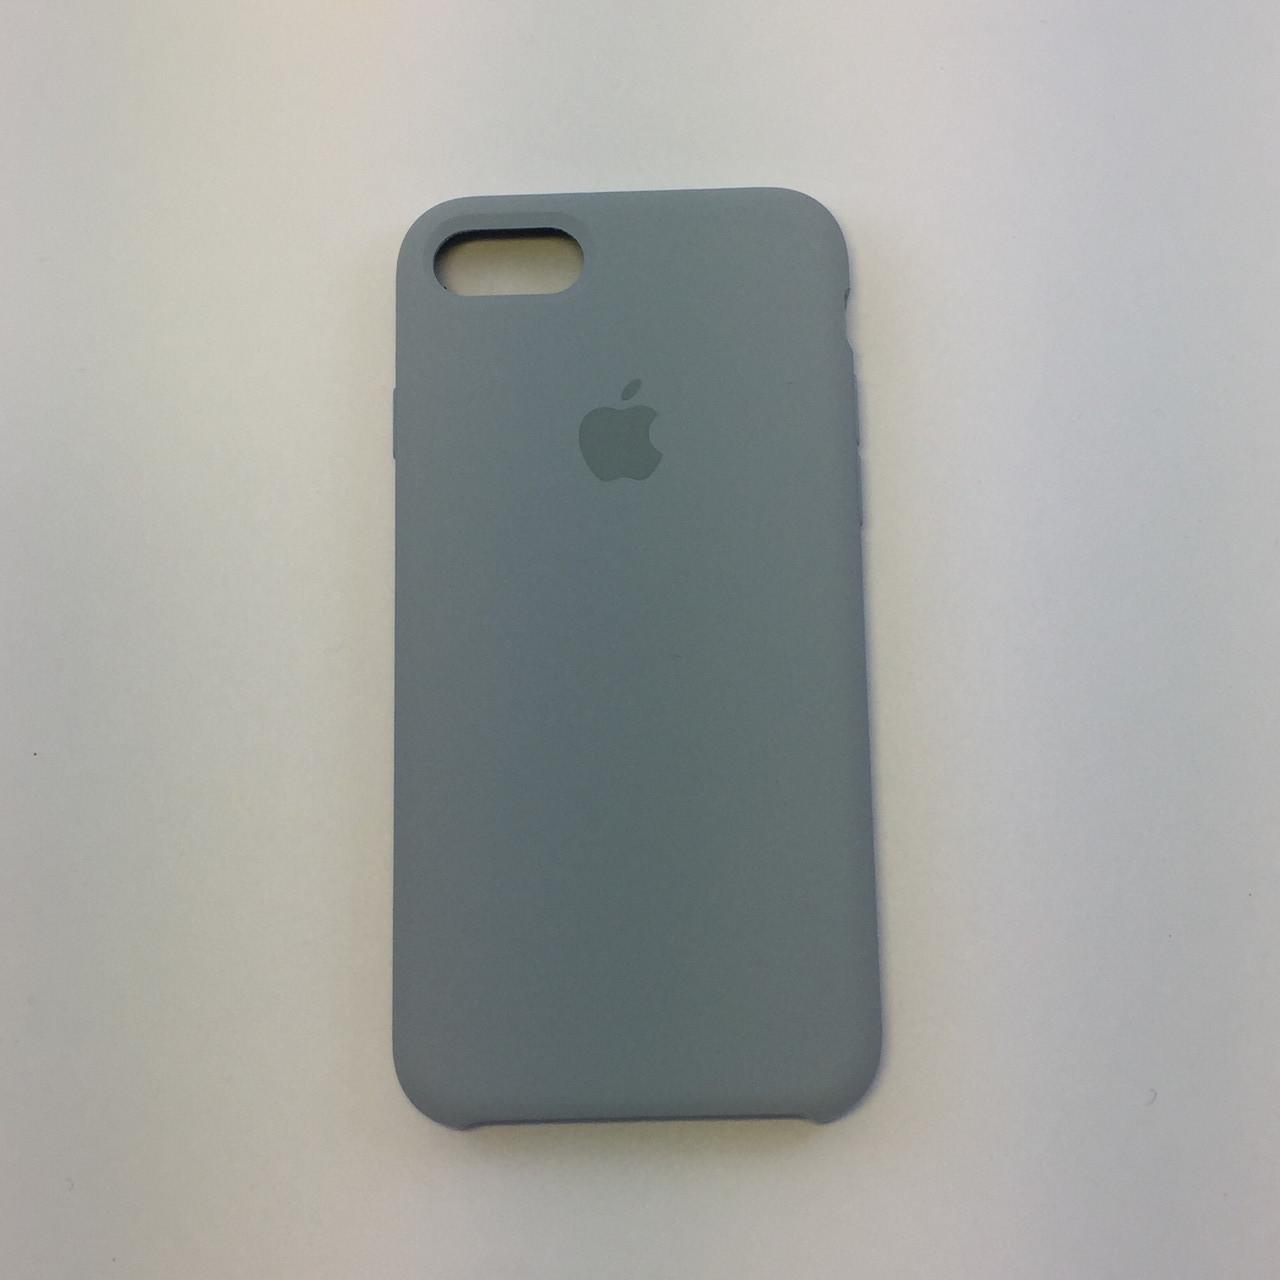 Силиконовый чехол iPhone 8 Plus, облако, copy original